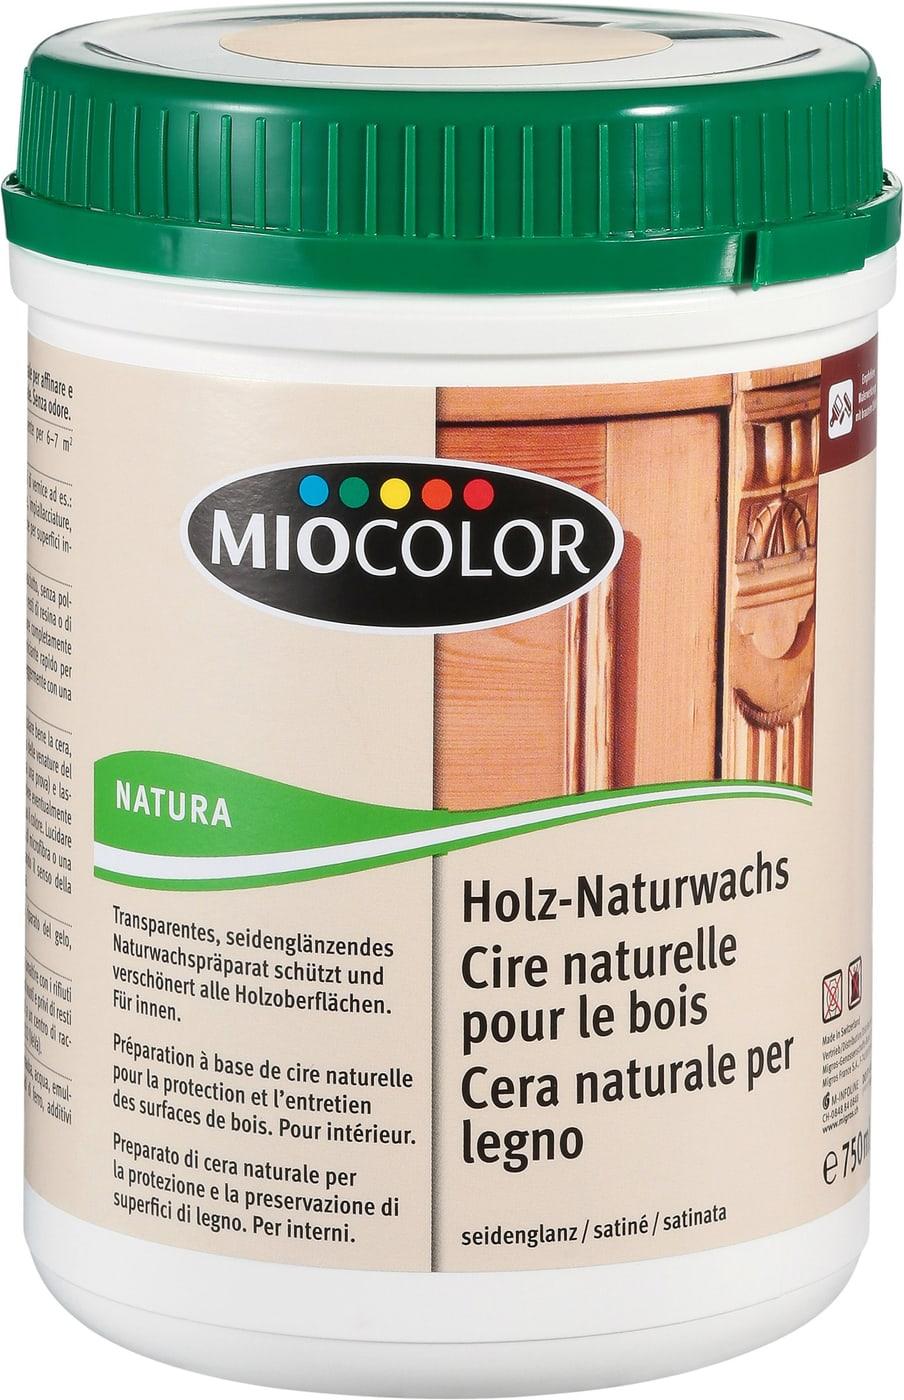 Cera naturale per legno migros - Cera per mobili legno ...